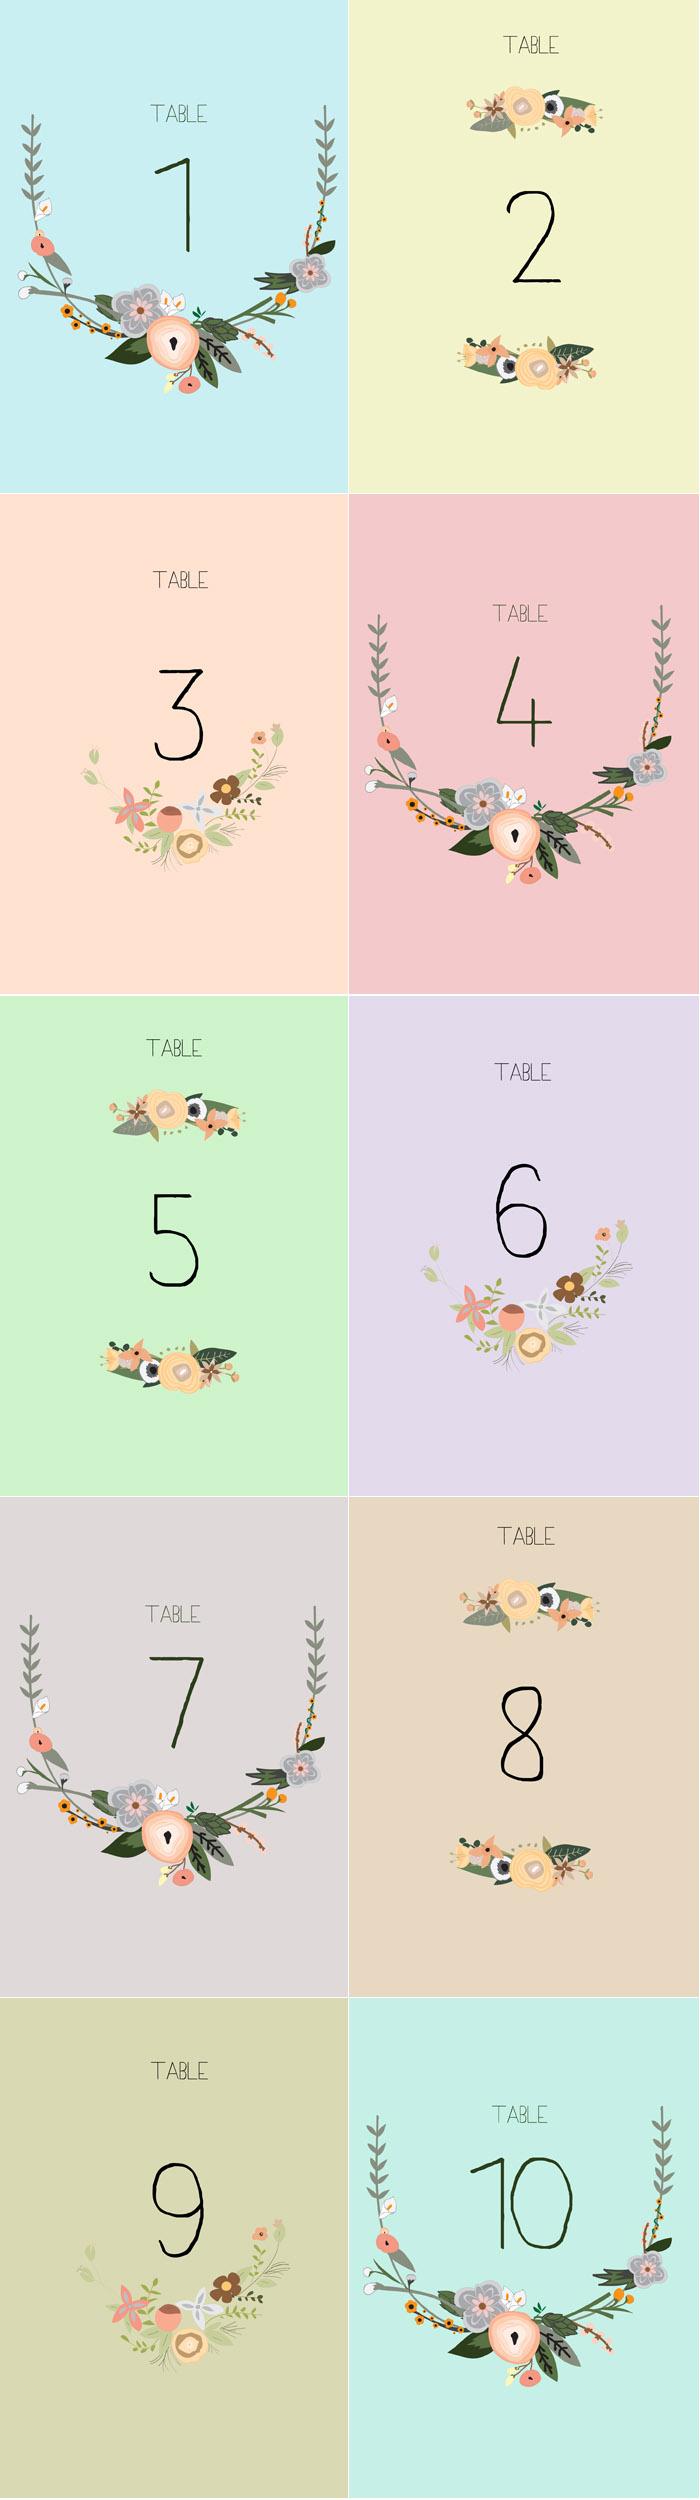 Free Printable Table Numbers - Free Printable Table Numbers